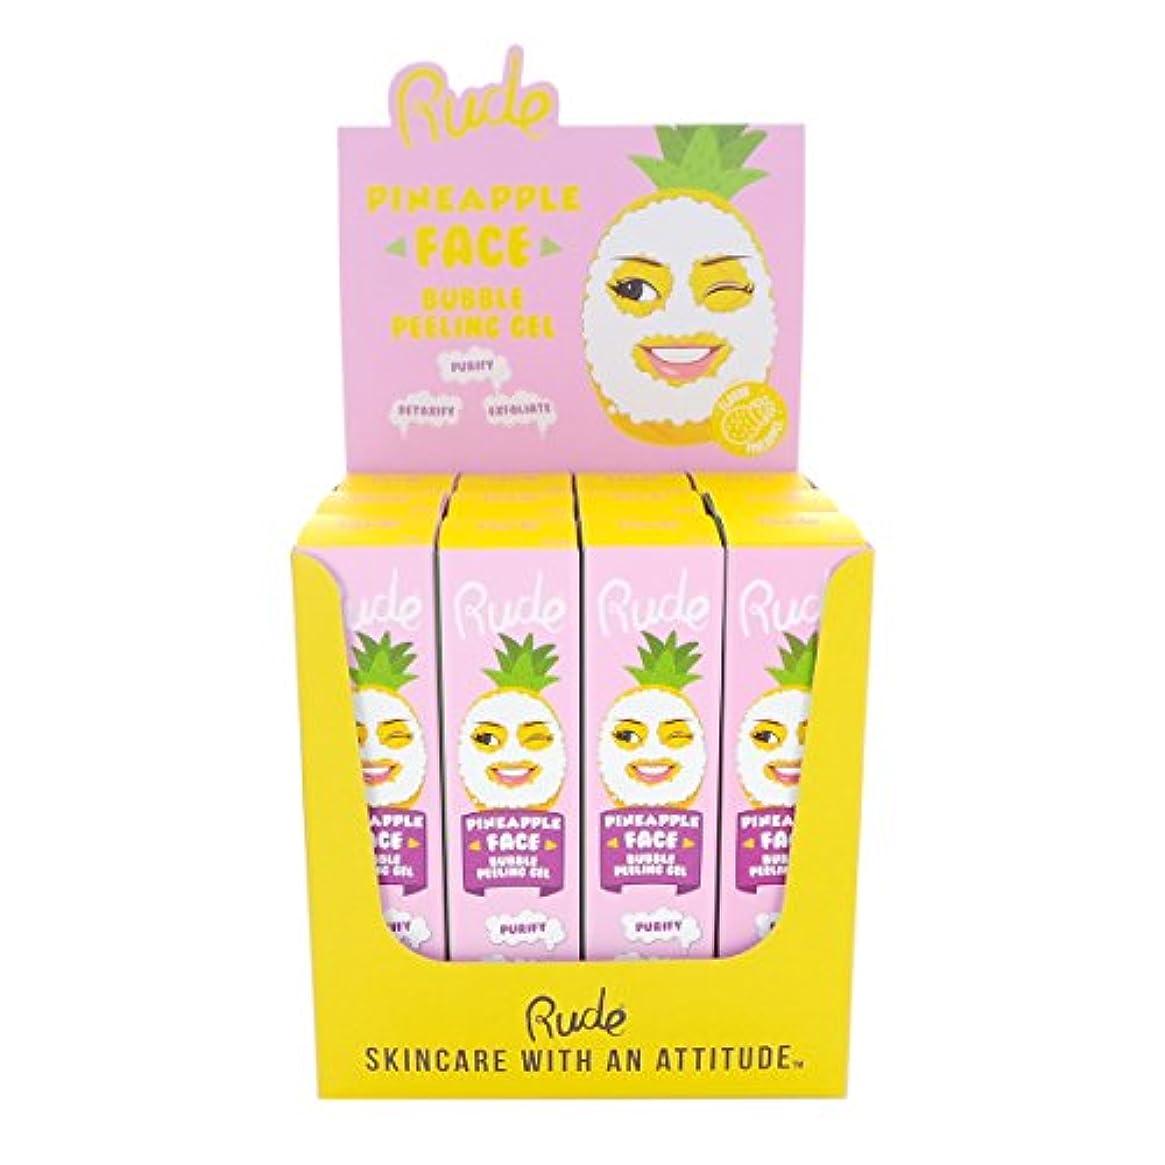 ステートメントその土曜日RUDE Pineapple Face Bubble Peeling Gel Paper Display Set, 12 Pieces (並行輸入品)